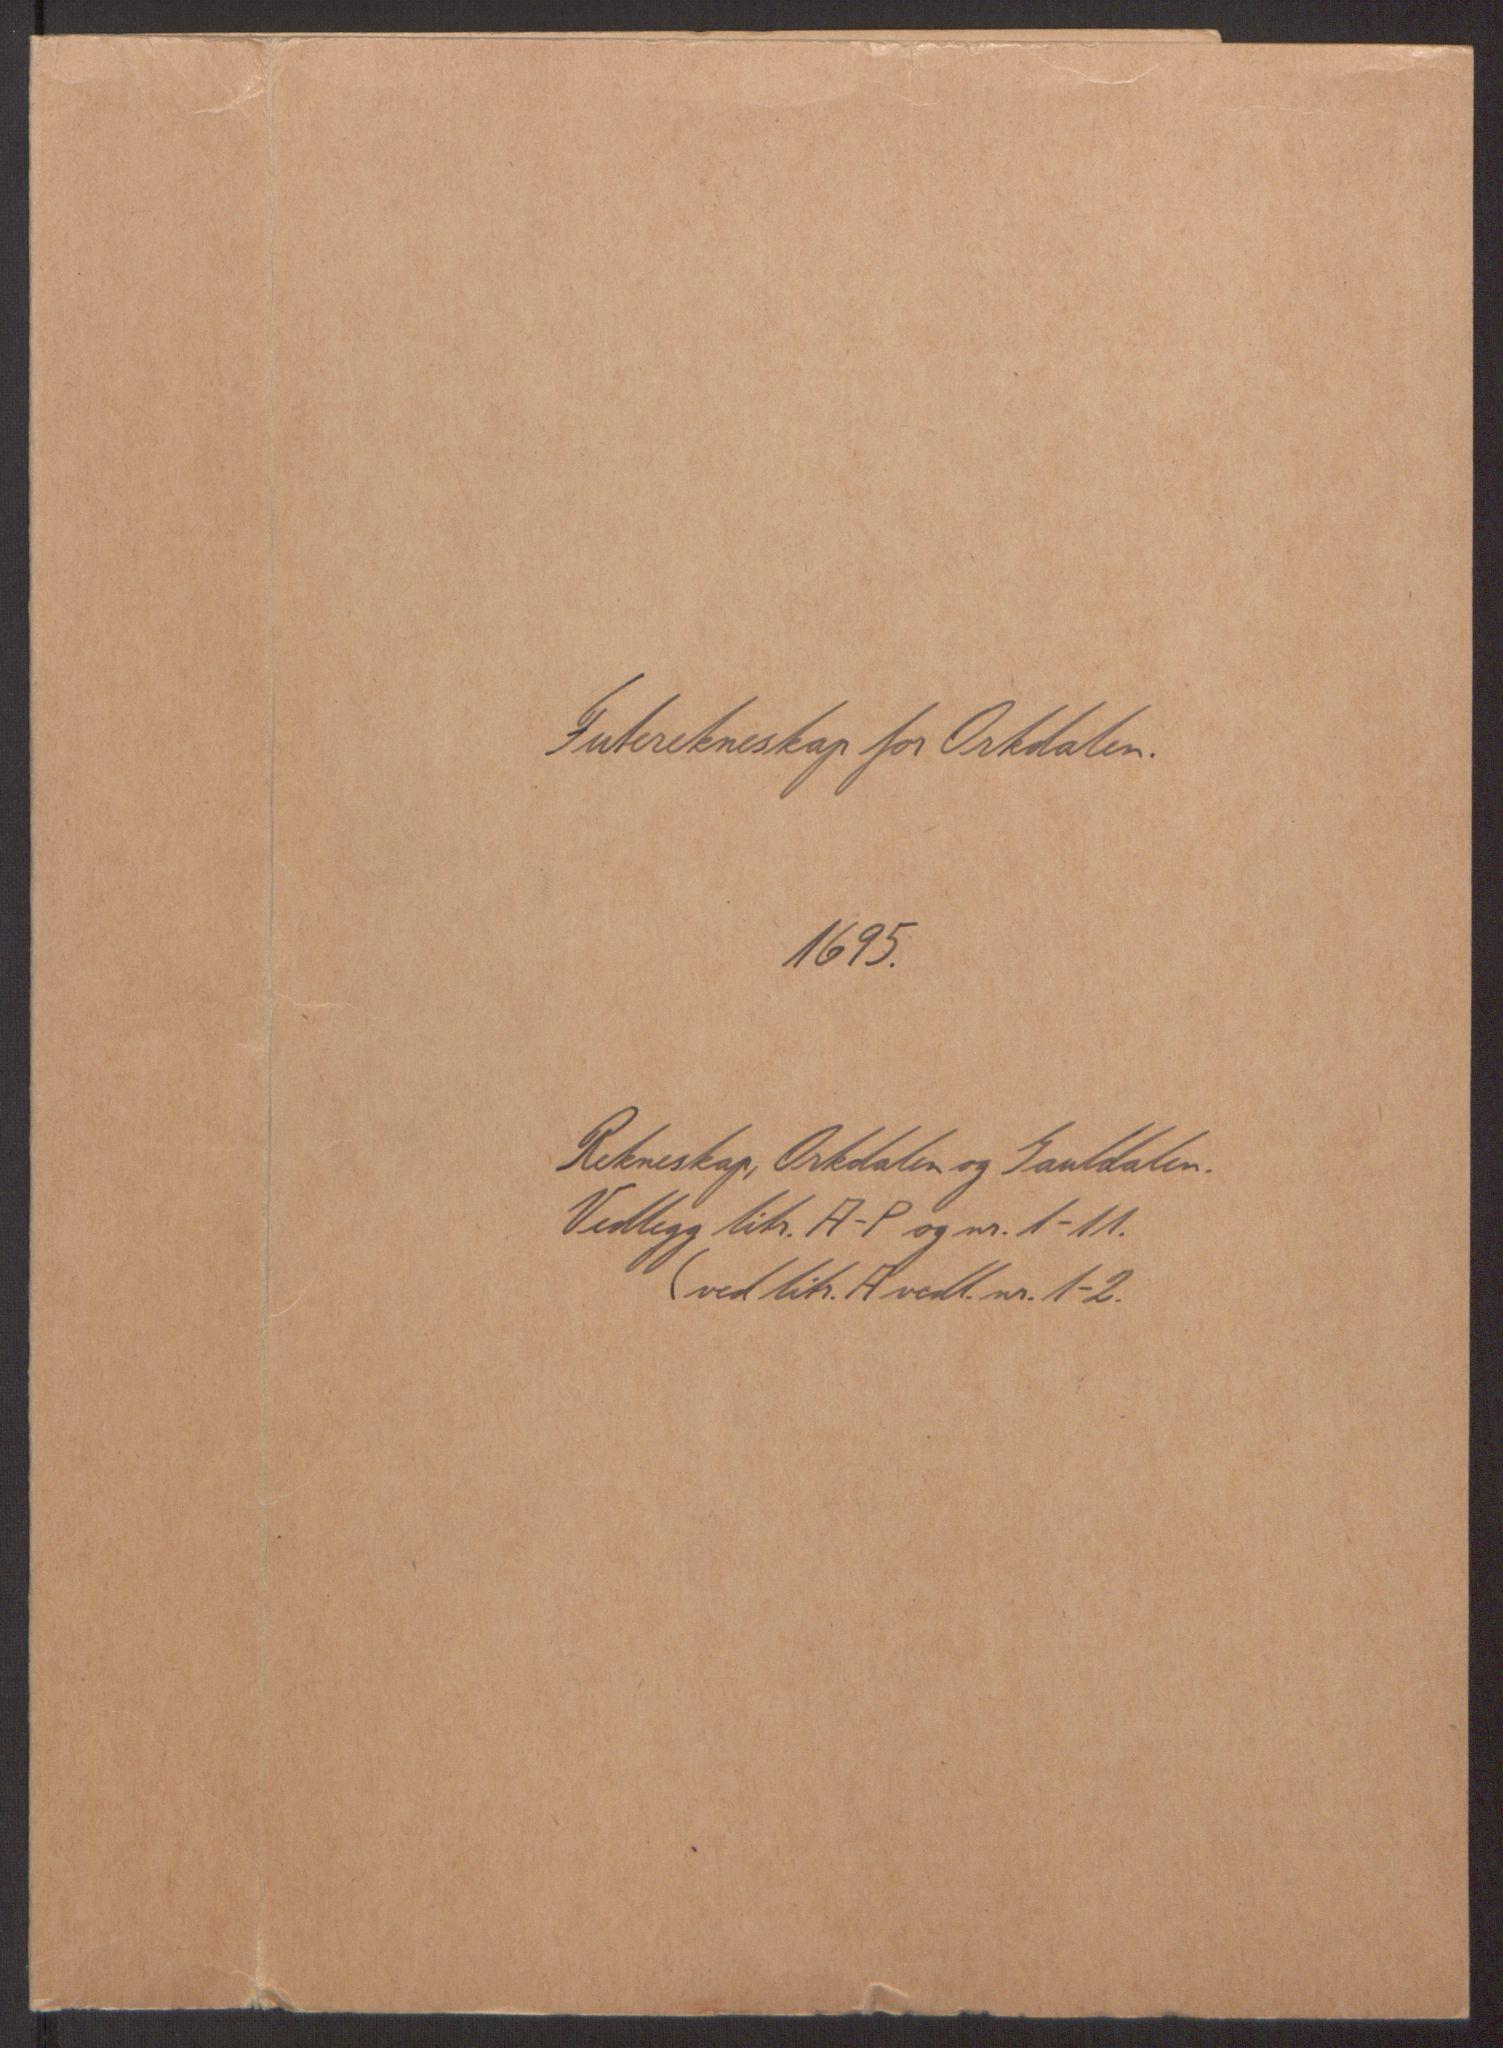 RA, Rentekammeret inntil 1814, Reviderte regnskaper, Fogderegnskap, R60/L3945: Fogderegnskap Orkdal og Gauldal, 1695, s. 2